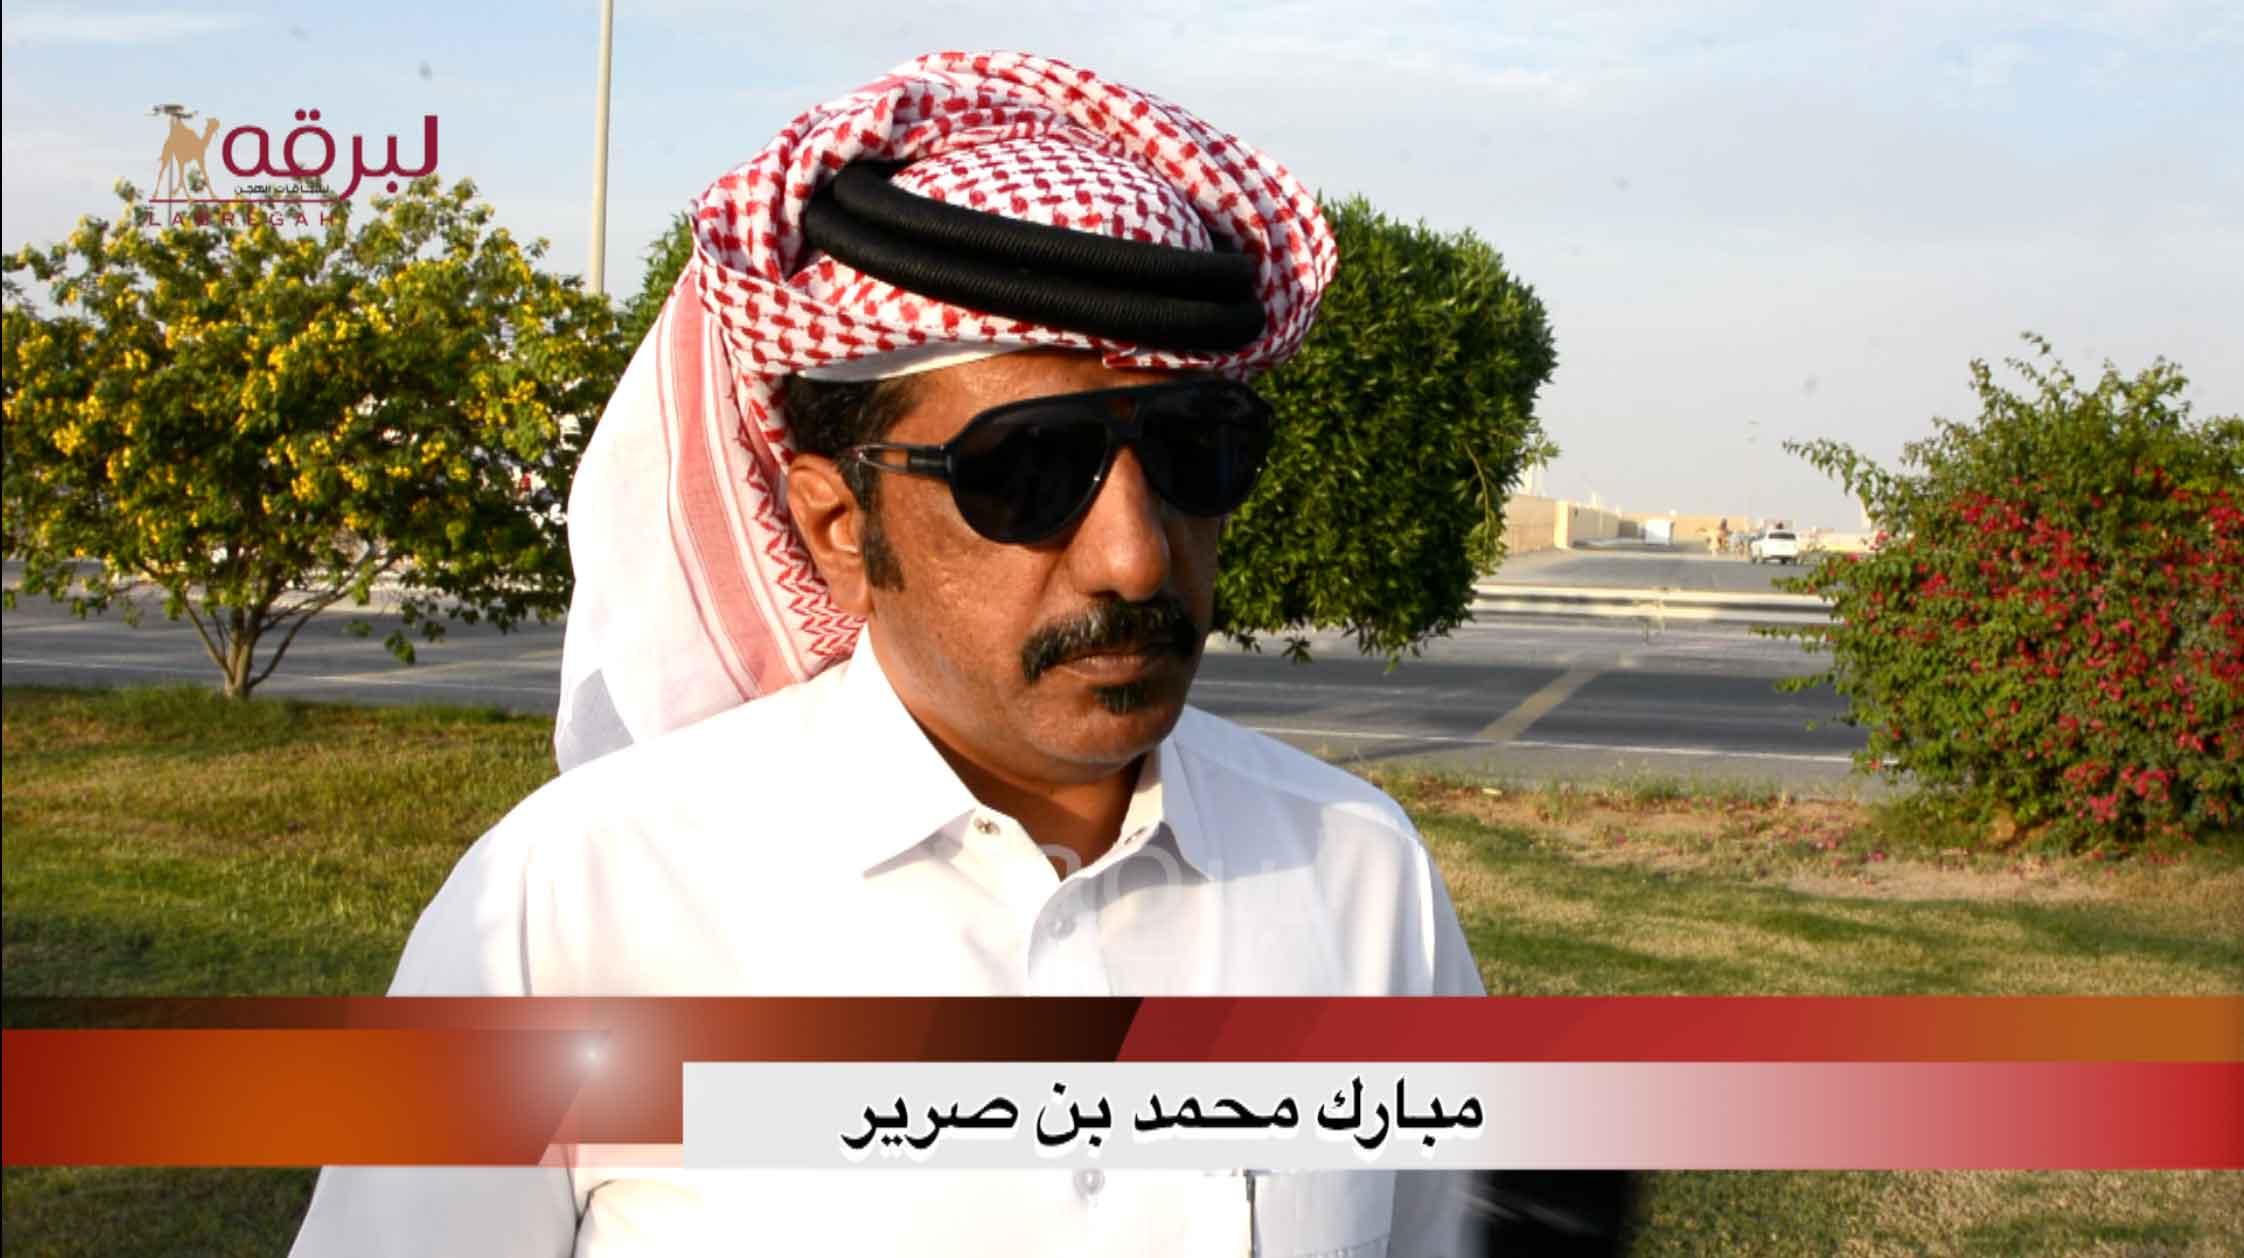 لقاء مع مبارك محمد بن صرير.. الخنجر الذهبي للحقايق قعدان « إنتاج » الأشواط المفتوحة  ٢٨-١١-٢٠٢٠